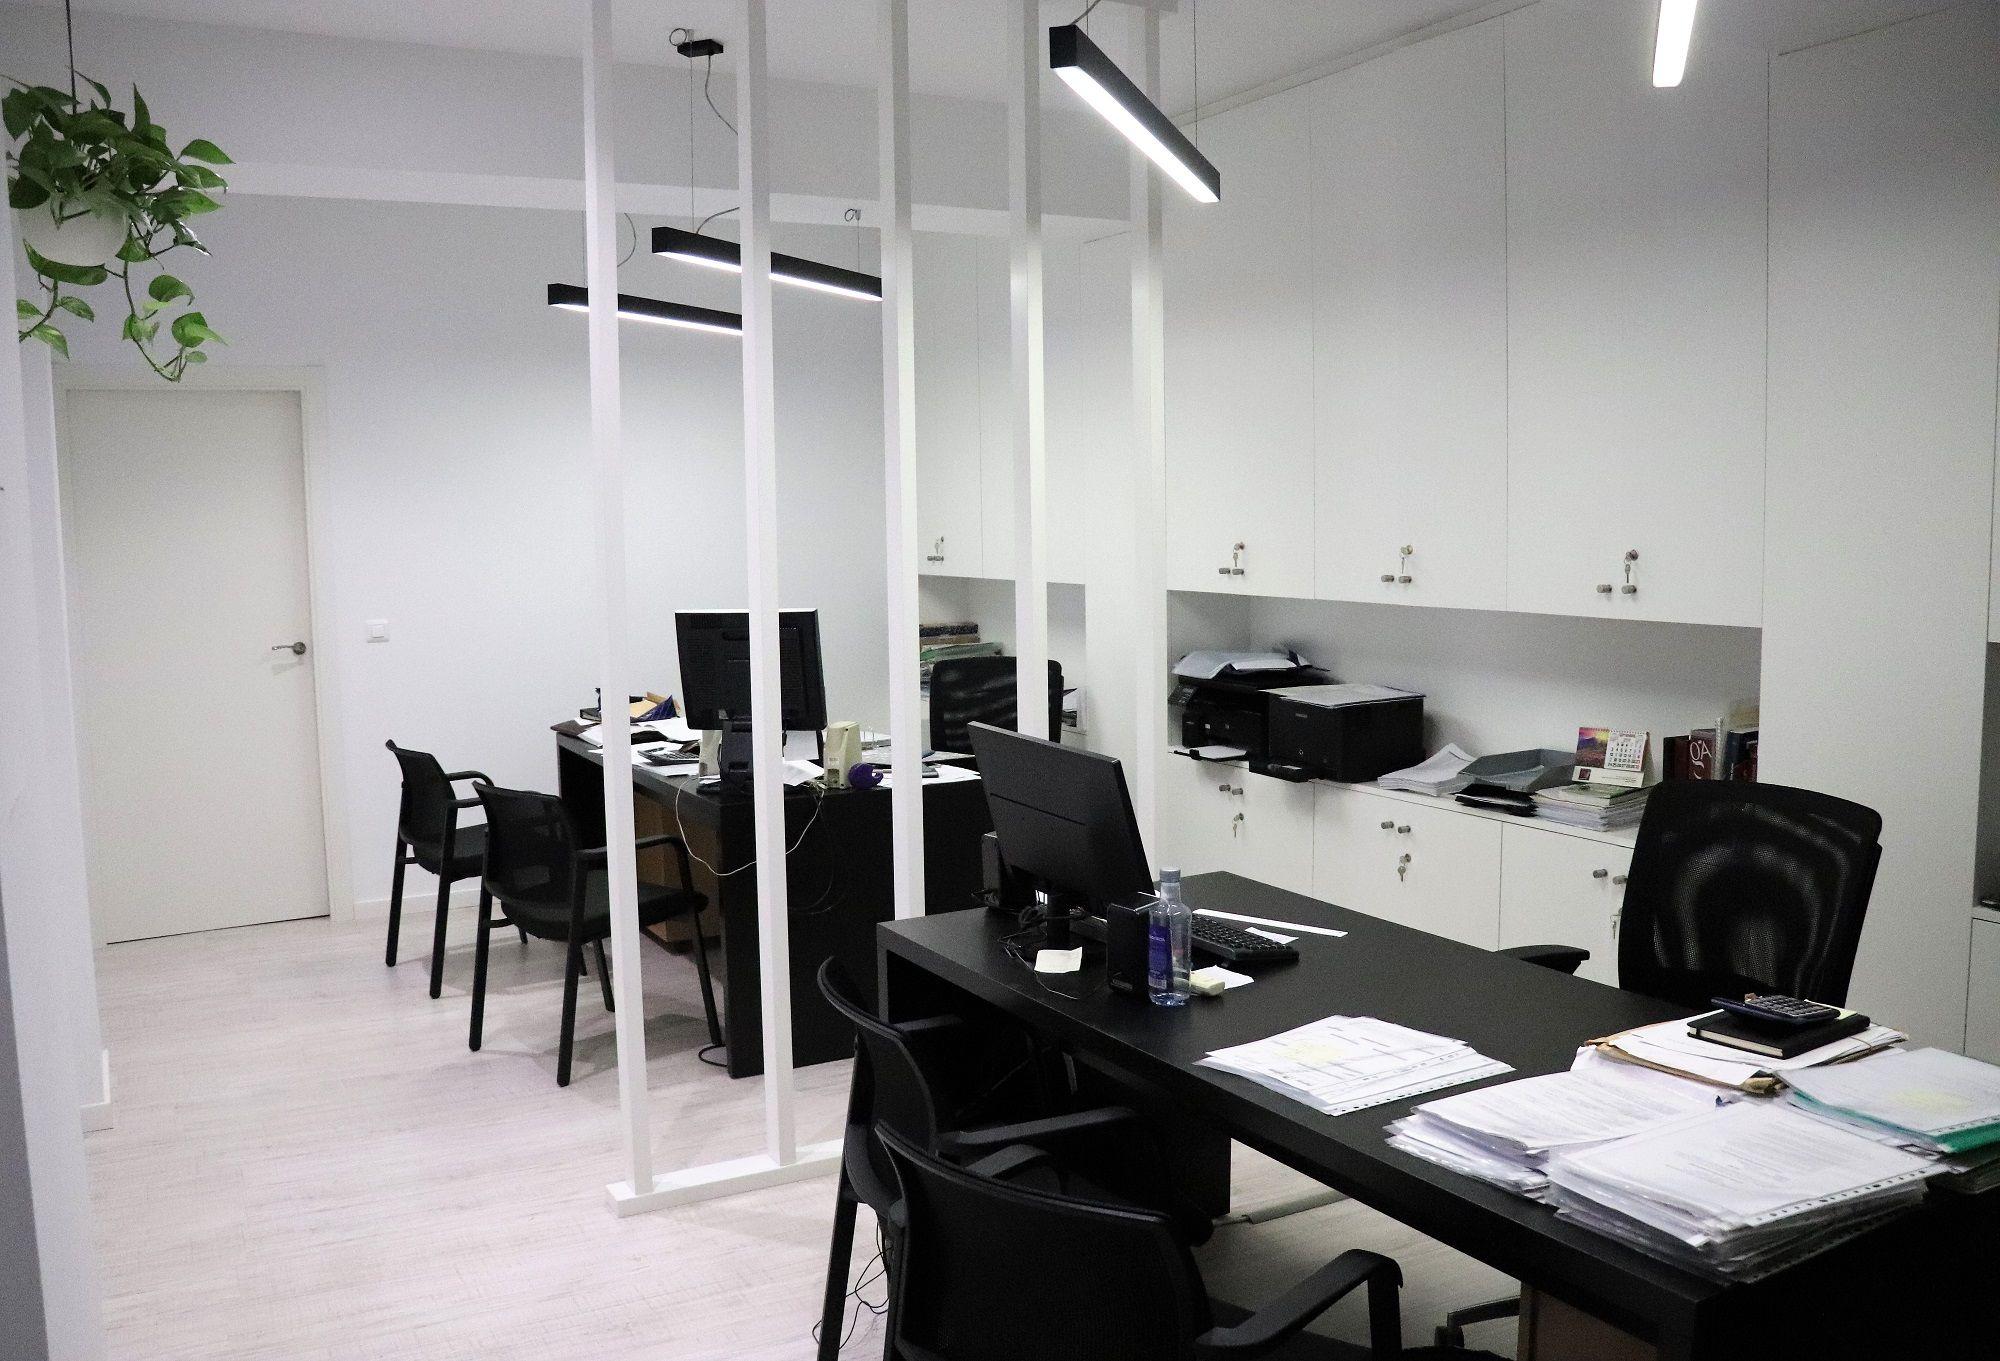 Foto 3 de Gestorías administrativas en Castellón / Castelló de La Plana | Gestors Associats Porcar Fulleda